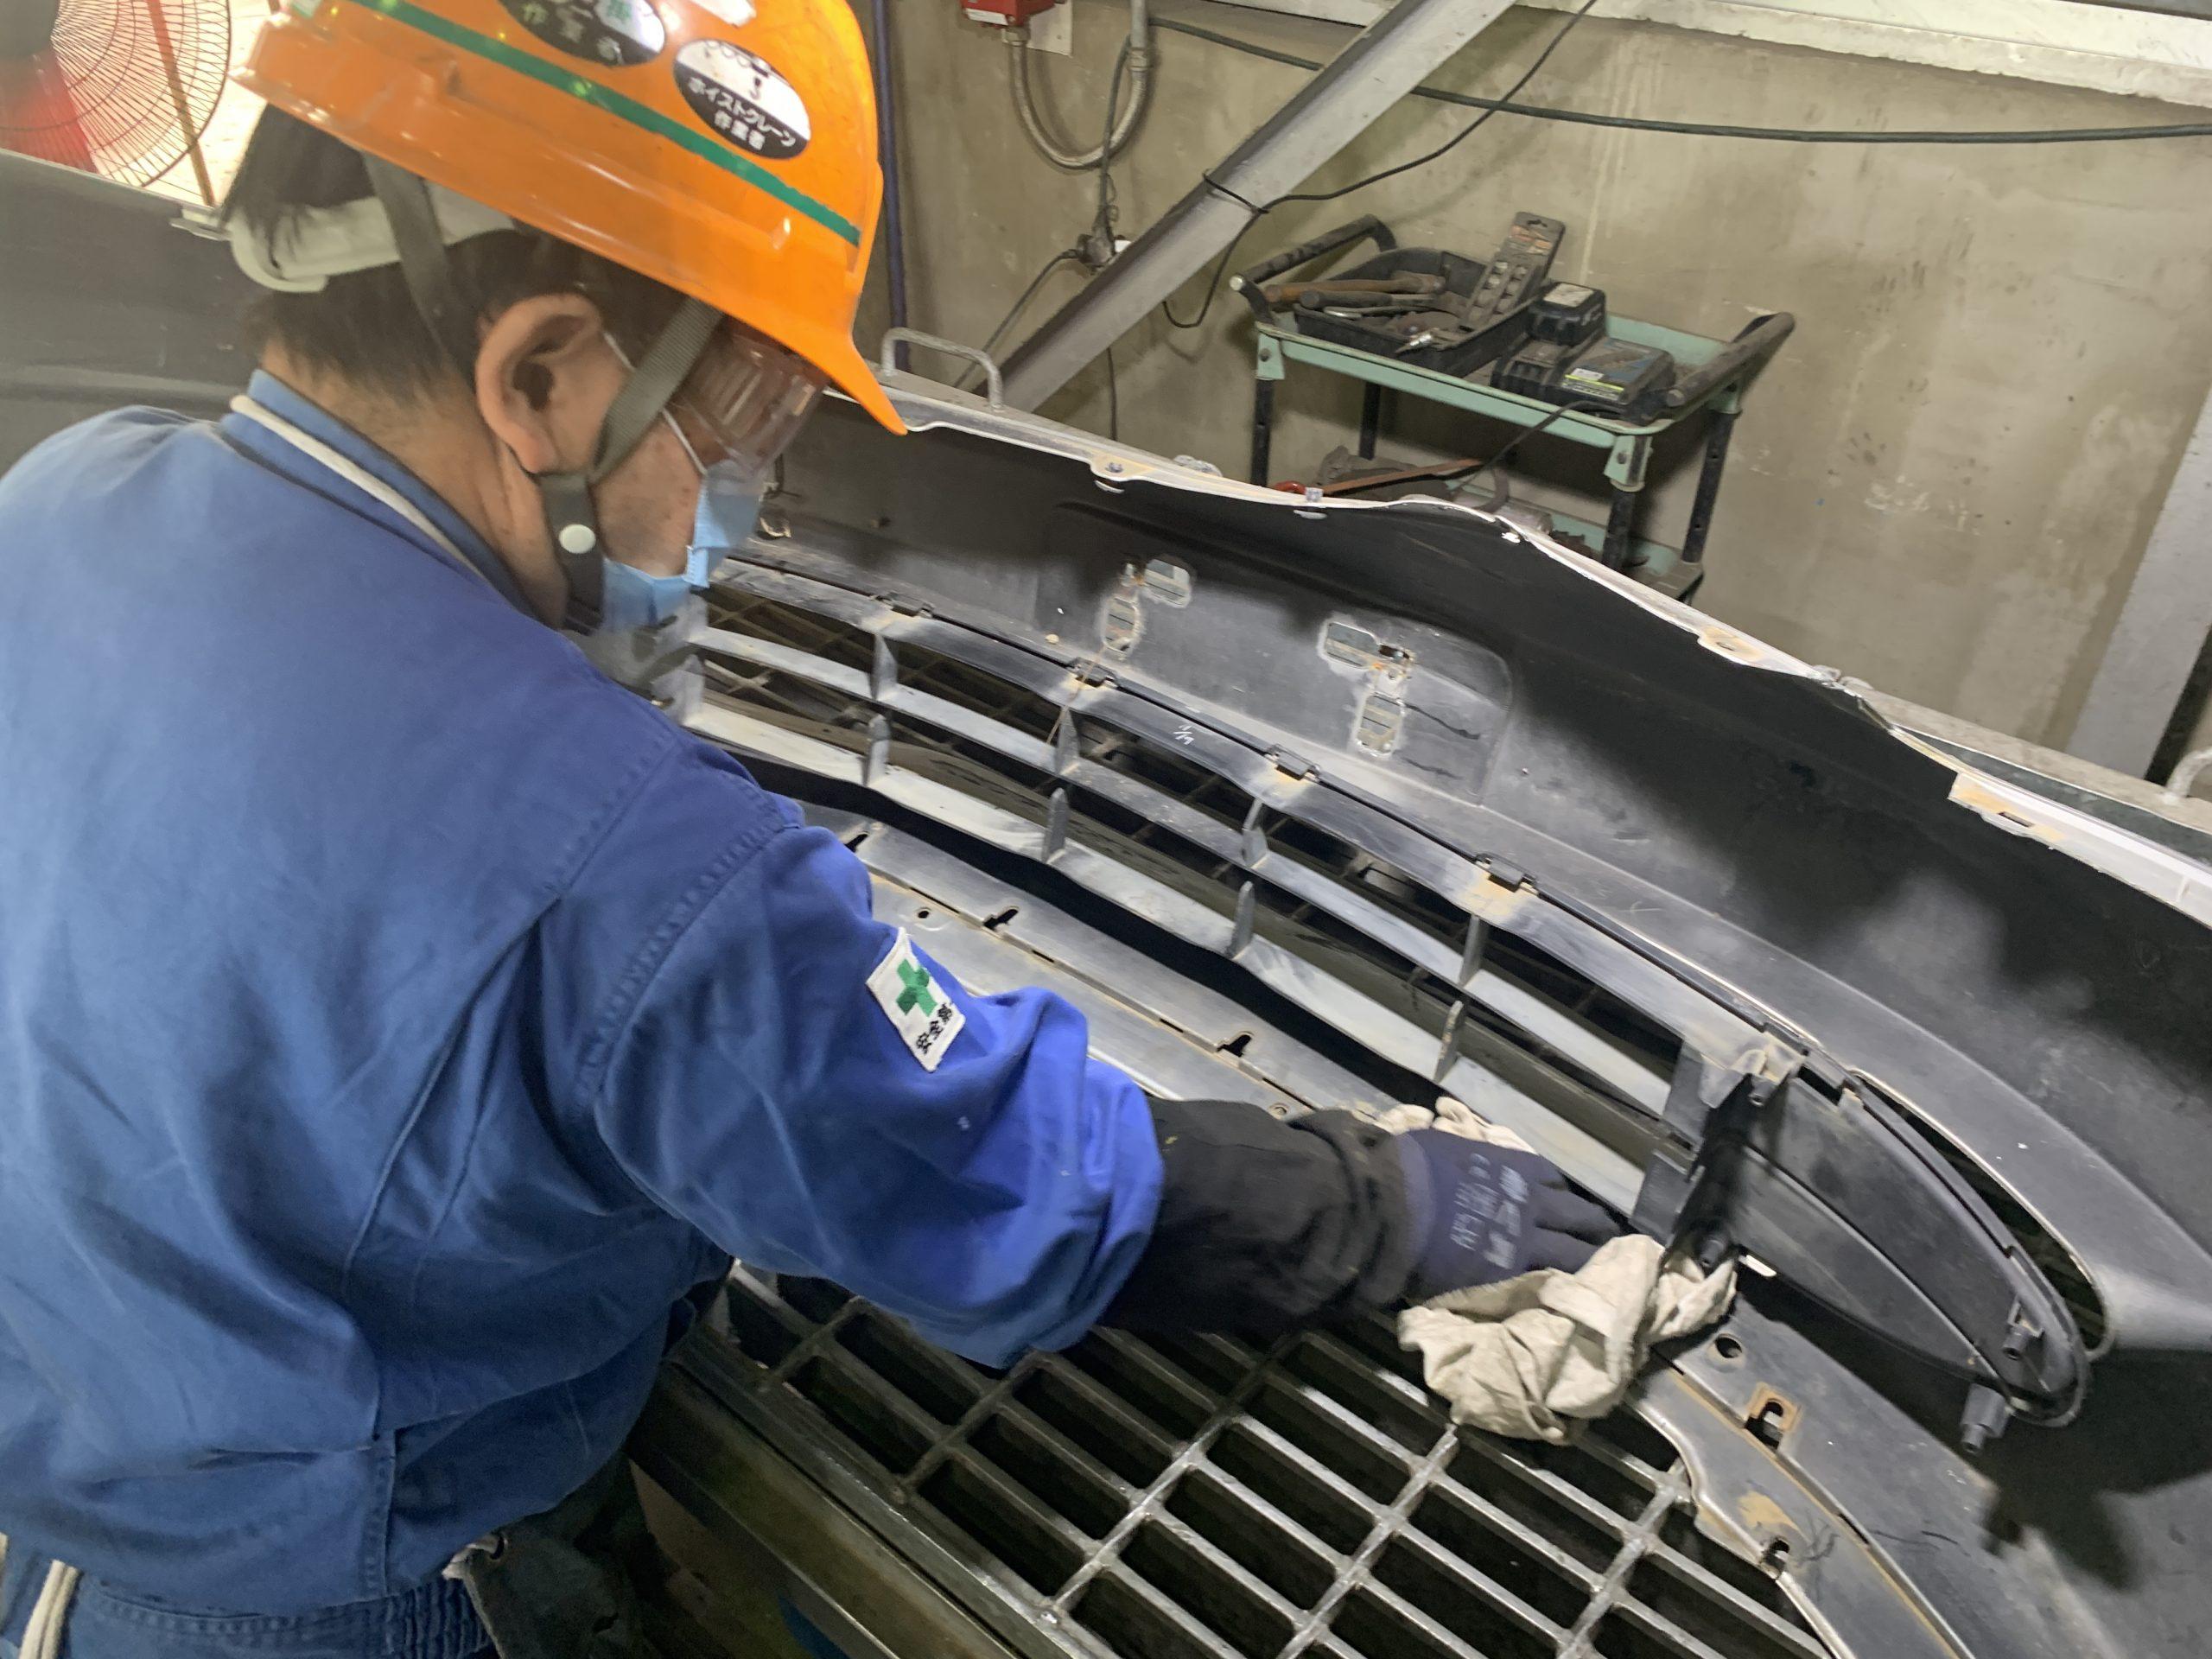 令和2年度 沖縄県産業廃棄物発生抑制・リサイクル等推進事業